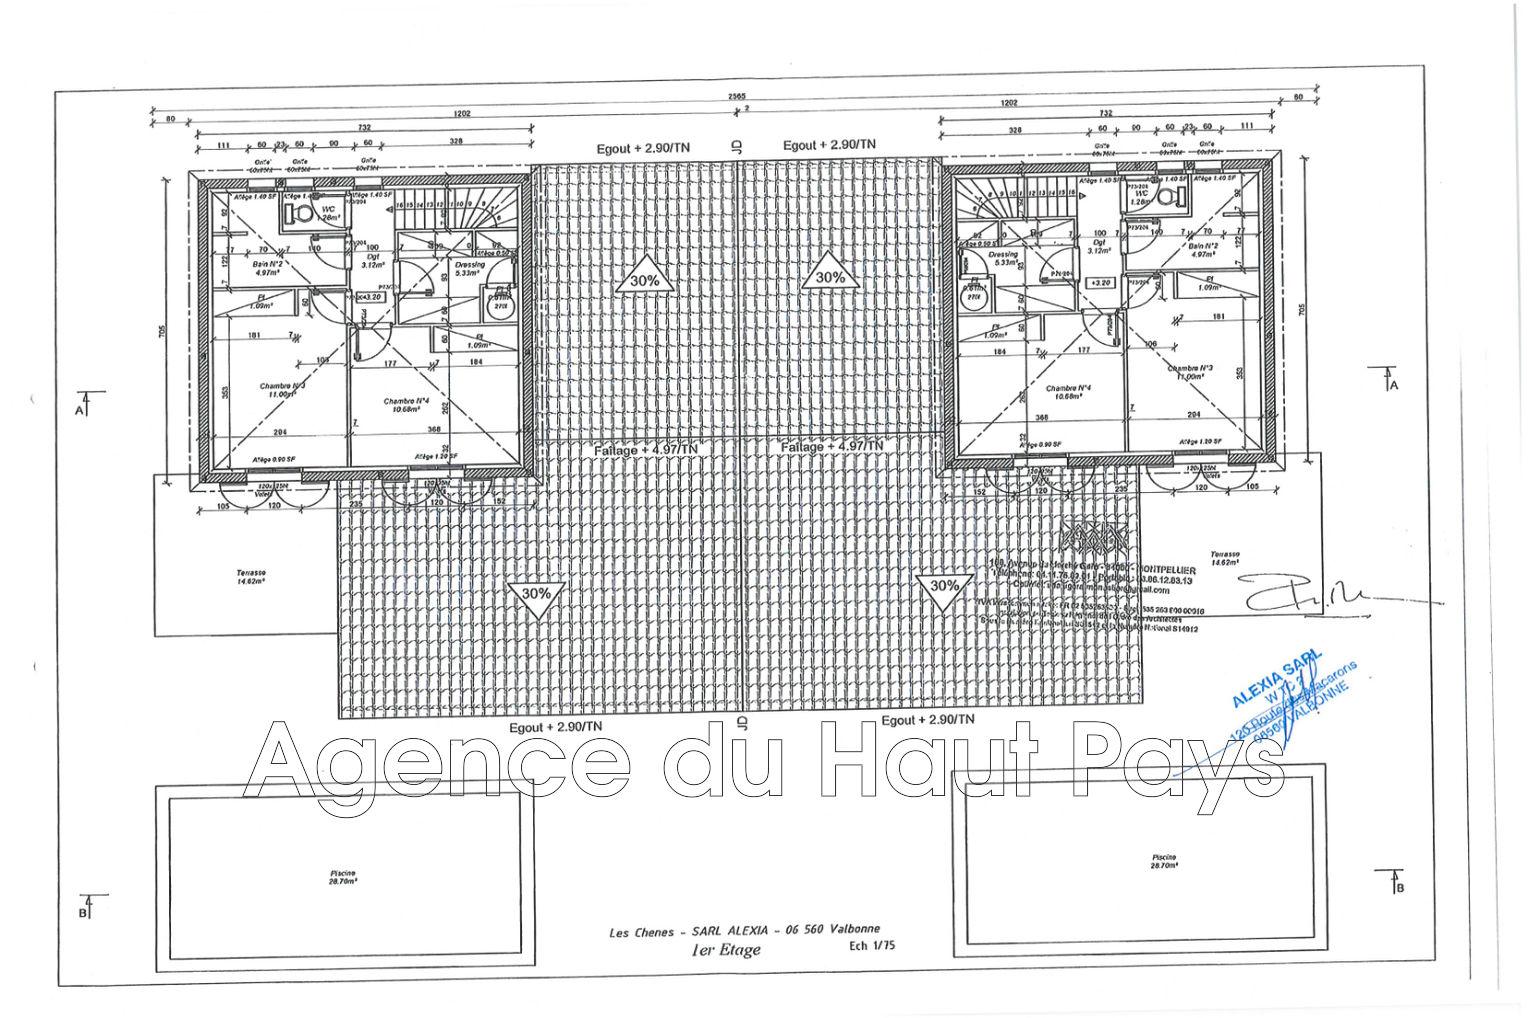 Villa saint c zaire sur siagne r sidentiel achat villa 4 chambres 119 m - Chambre d hote saint cezaire sur siagne ...